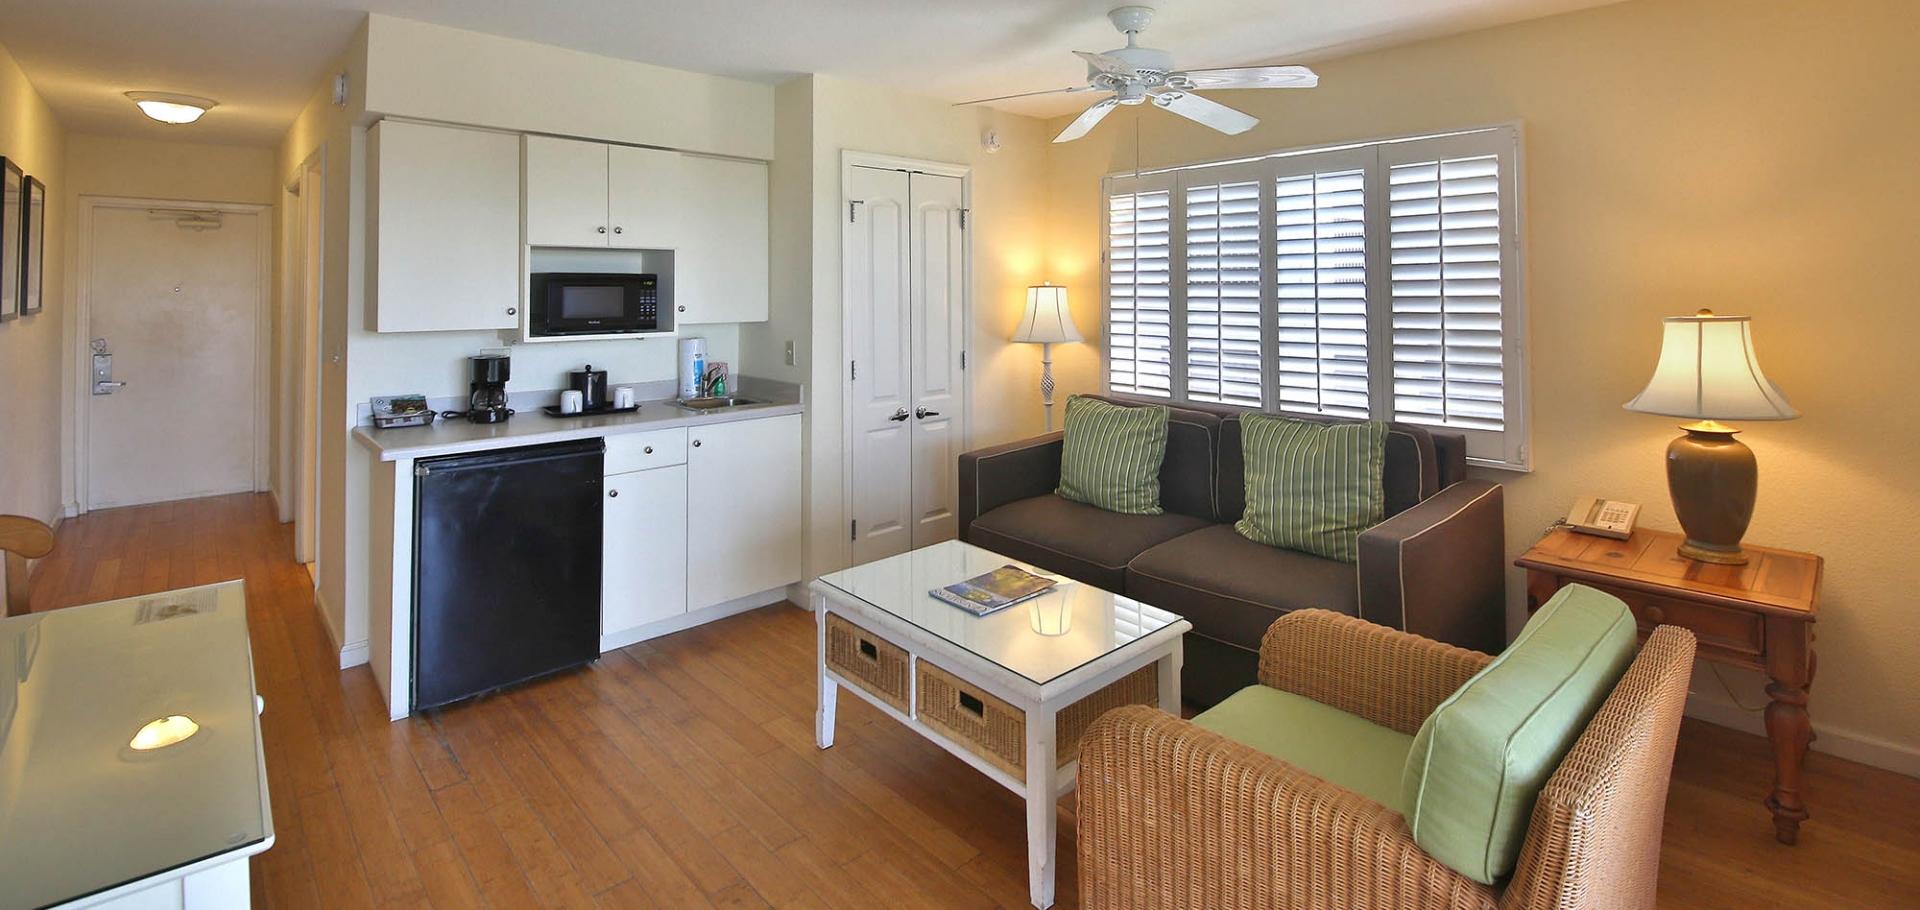 Sanibel Inn living area and kitchenette